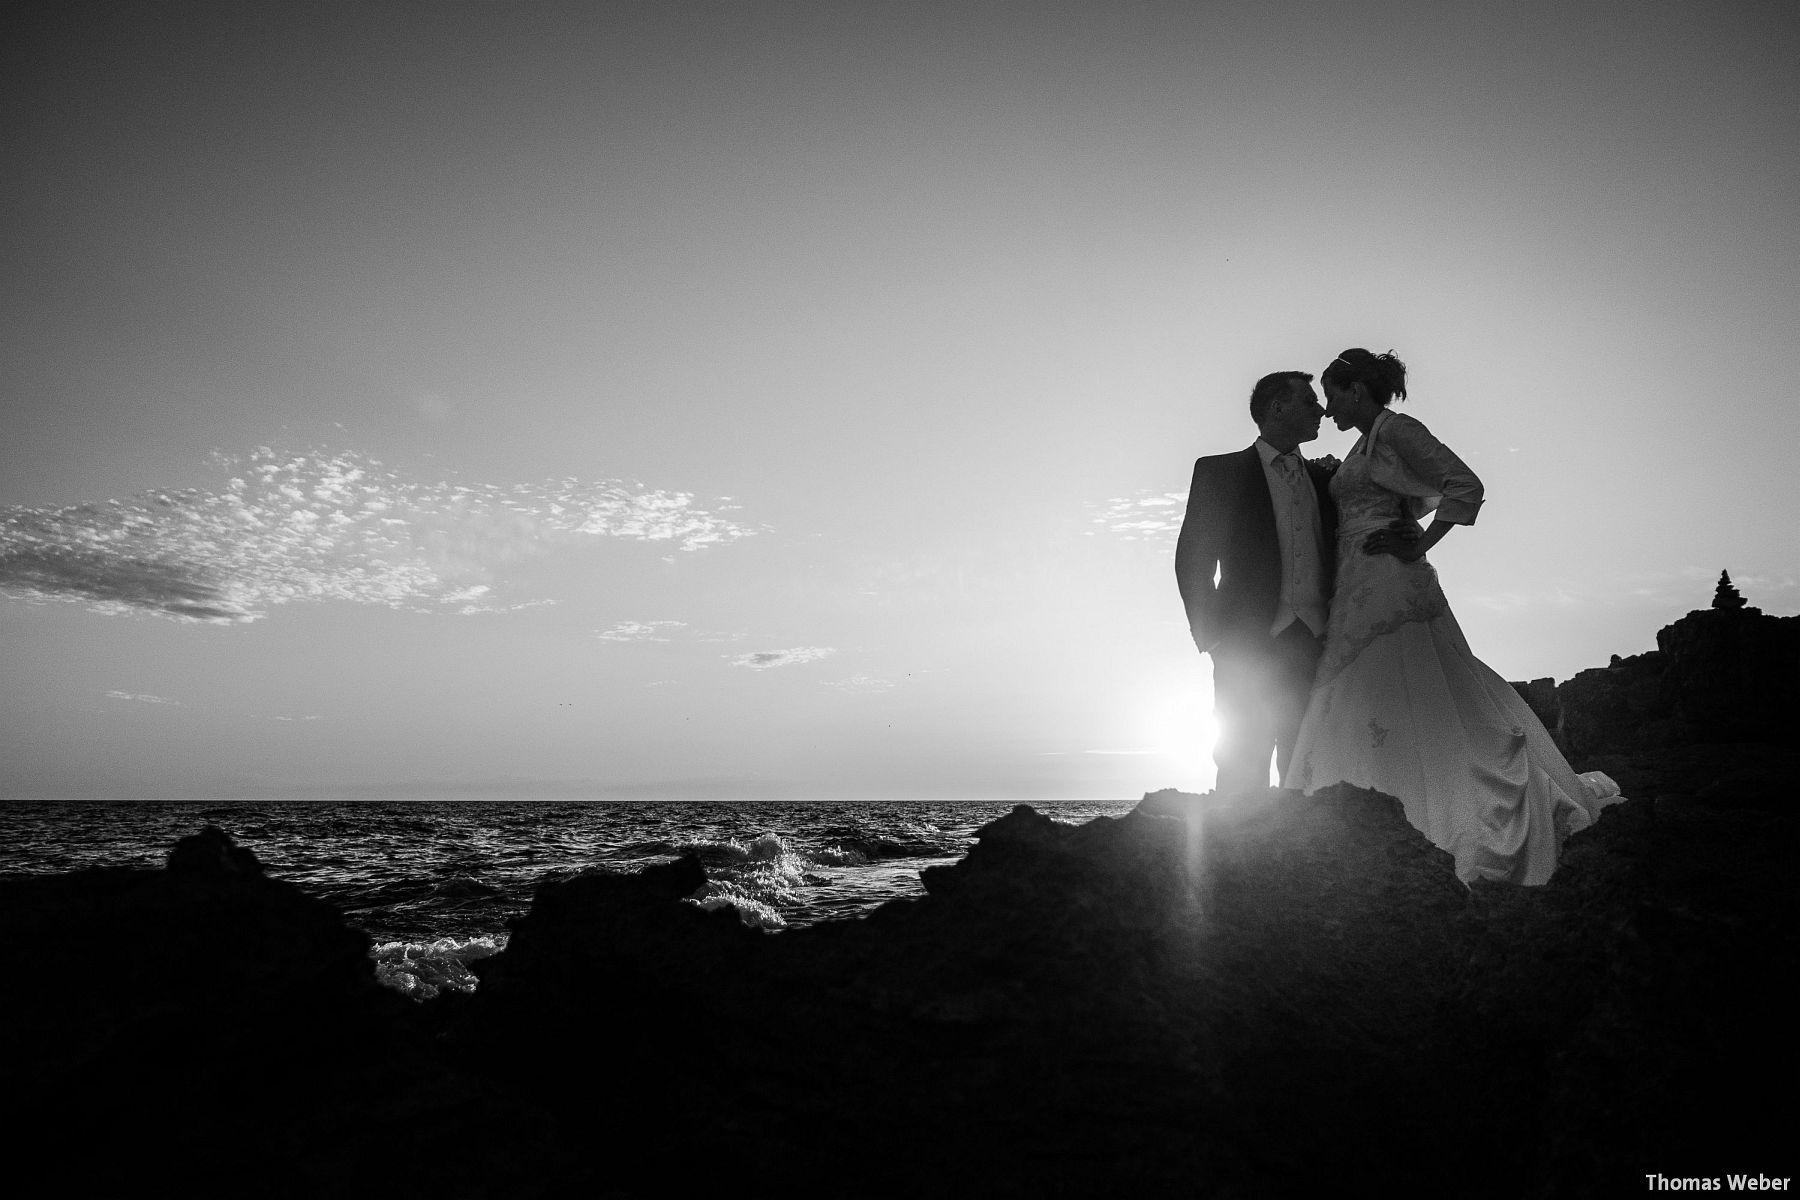 Hochzeitsfotograf Thomas Weber aus Oldenburg: Hochzeitsfotos und Paarfotos auf Mallorca (14)